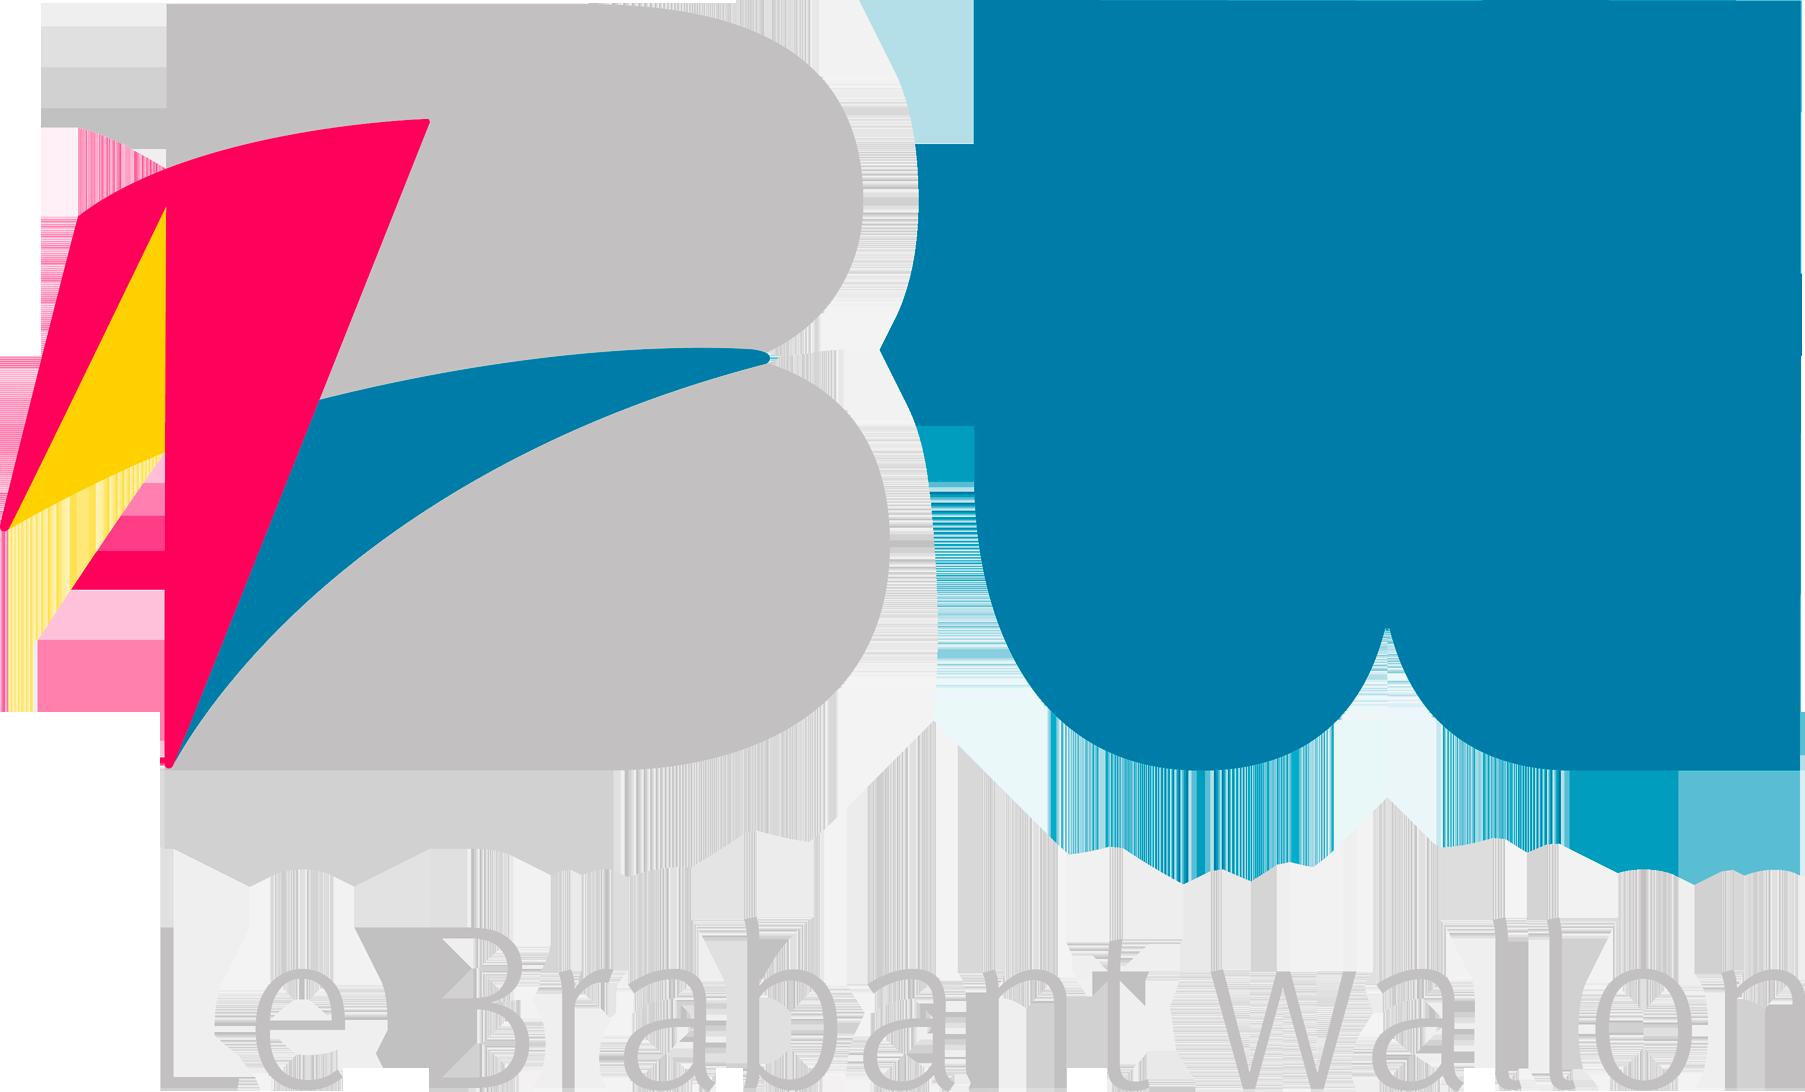 logo-brabant-wallon-rvb-web